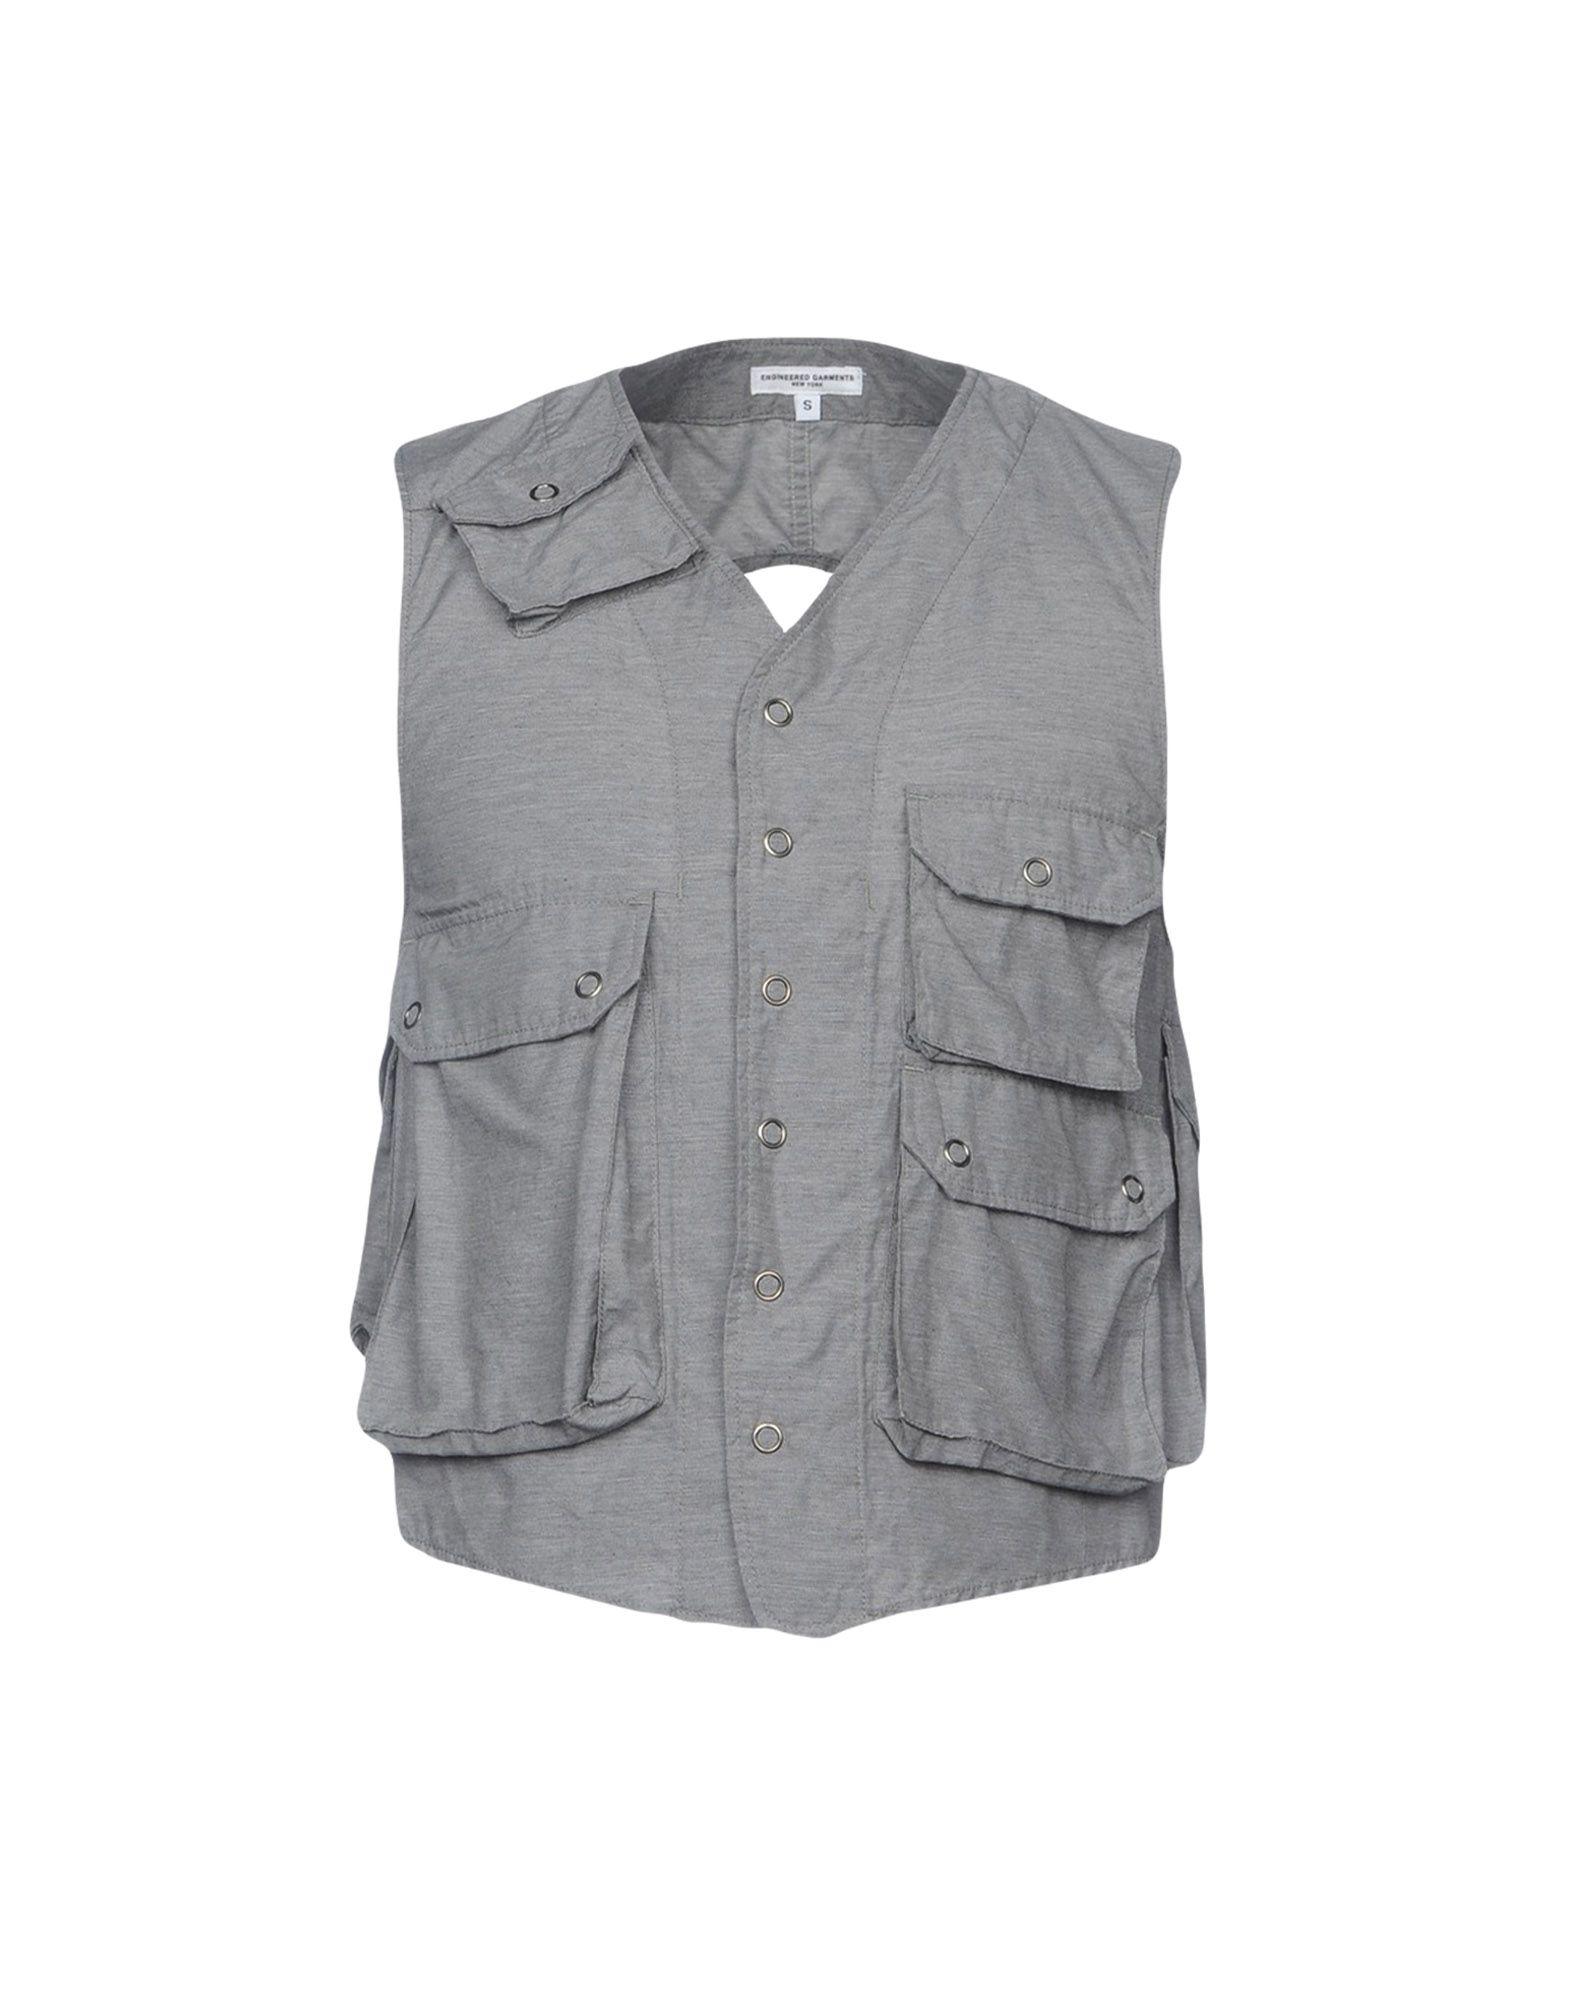 Panciotto Engineered Garments Uomo - Acquista online su